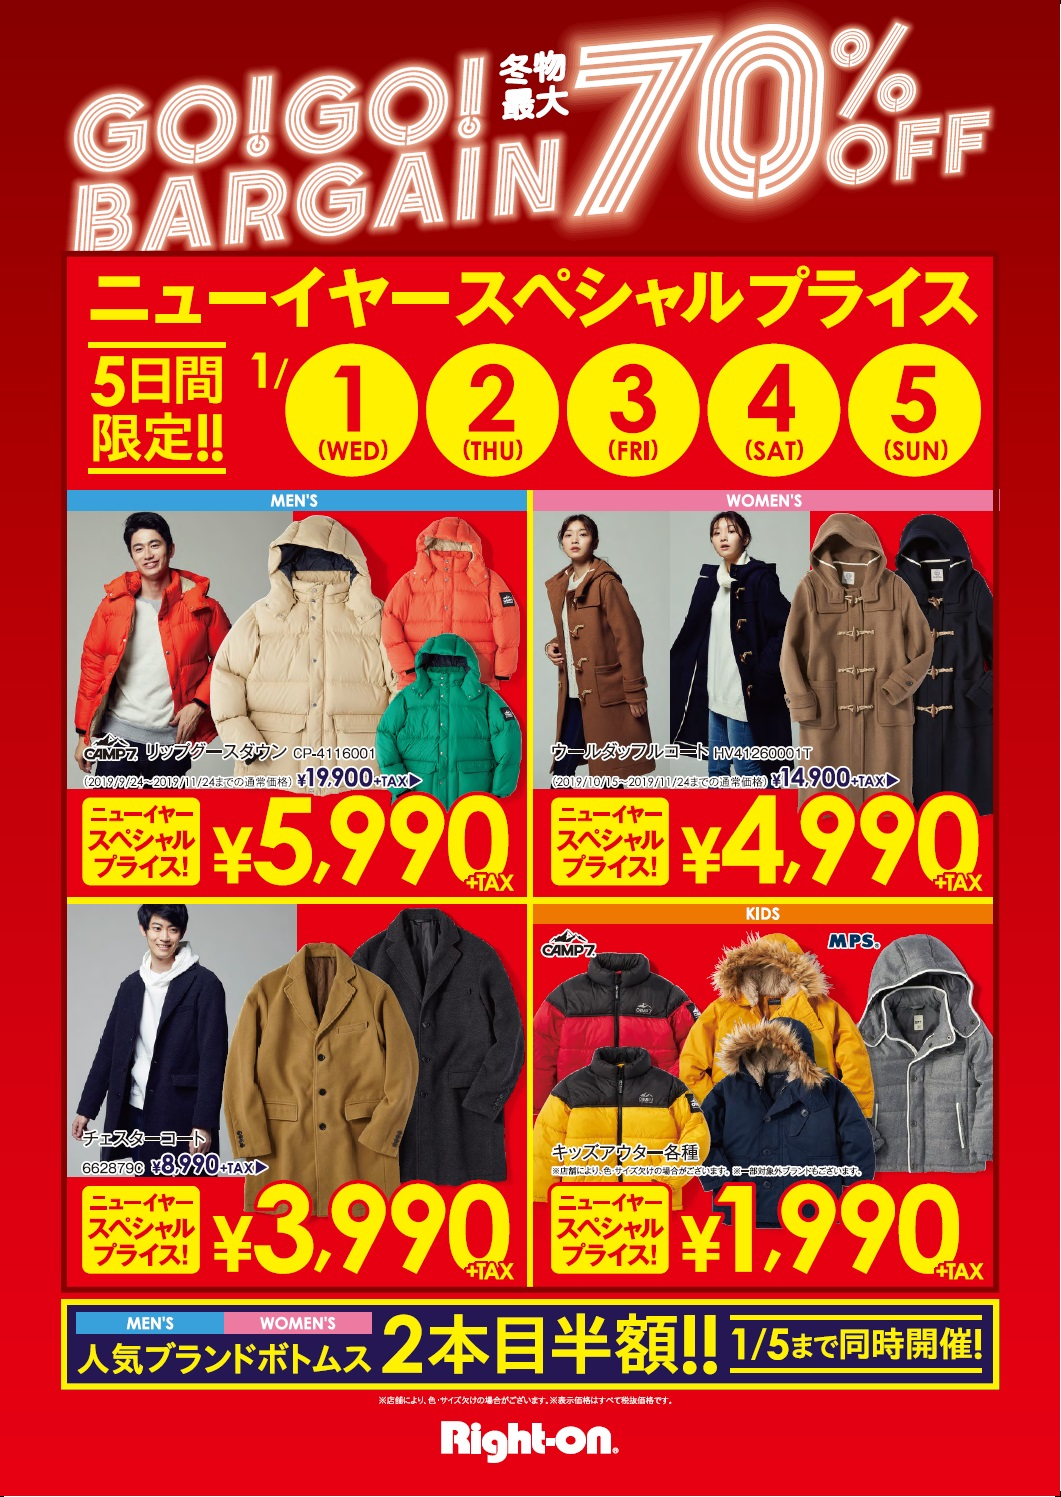 ライトオン GO!GO!BARGAIN 冬物最大70%OFF!!:イメージ